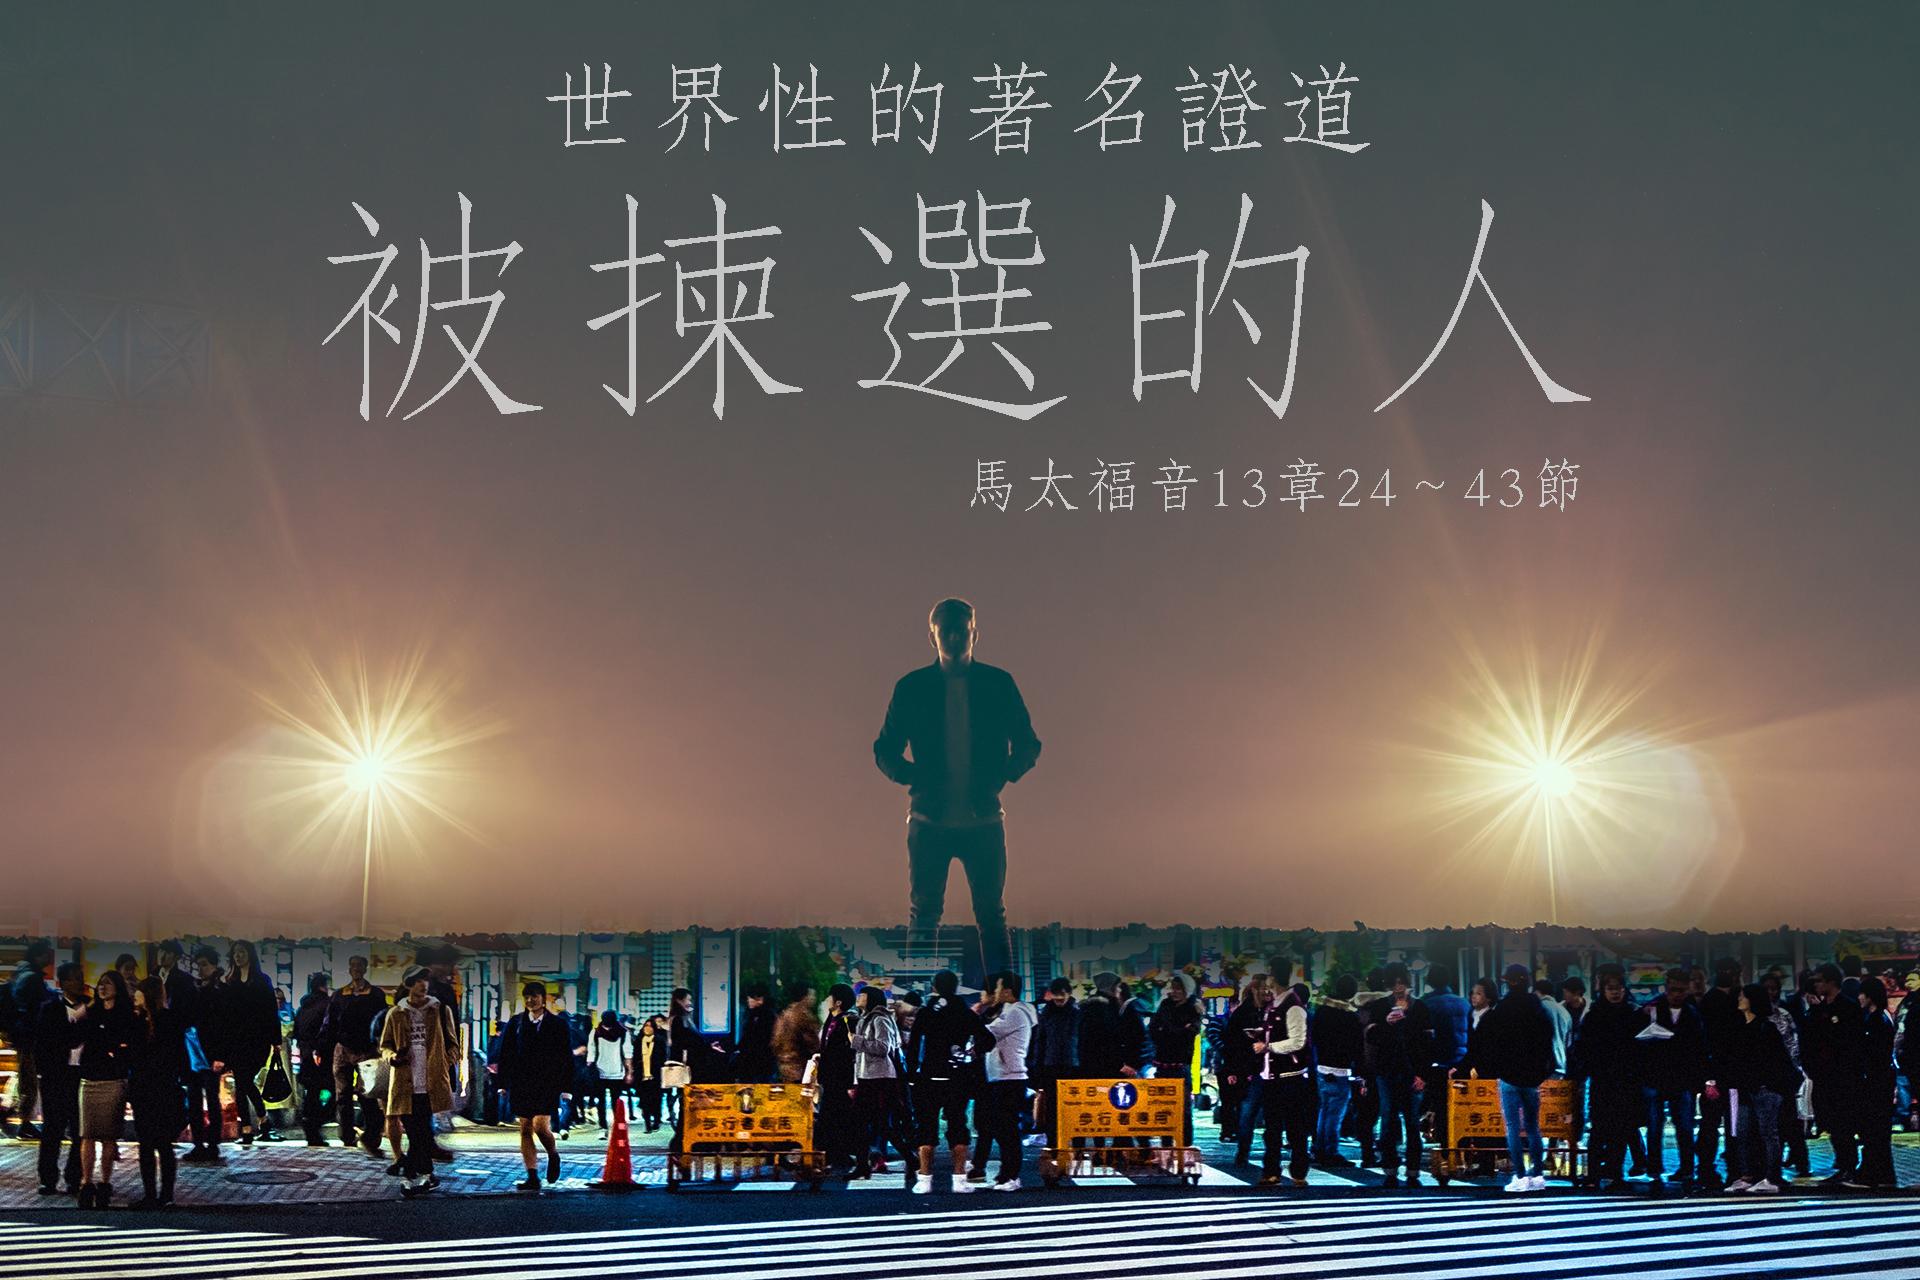 2017-10-04世界性的著名證道~被揀選的人